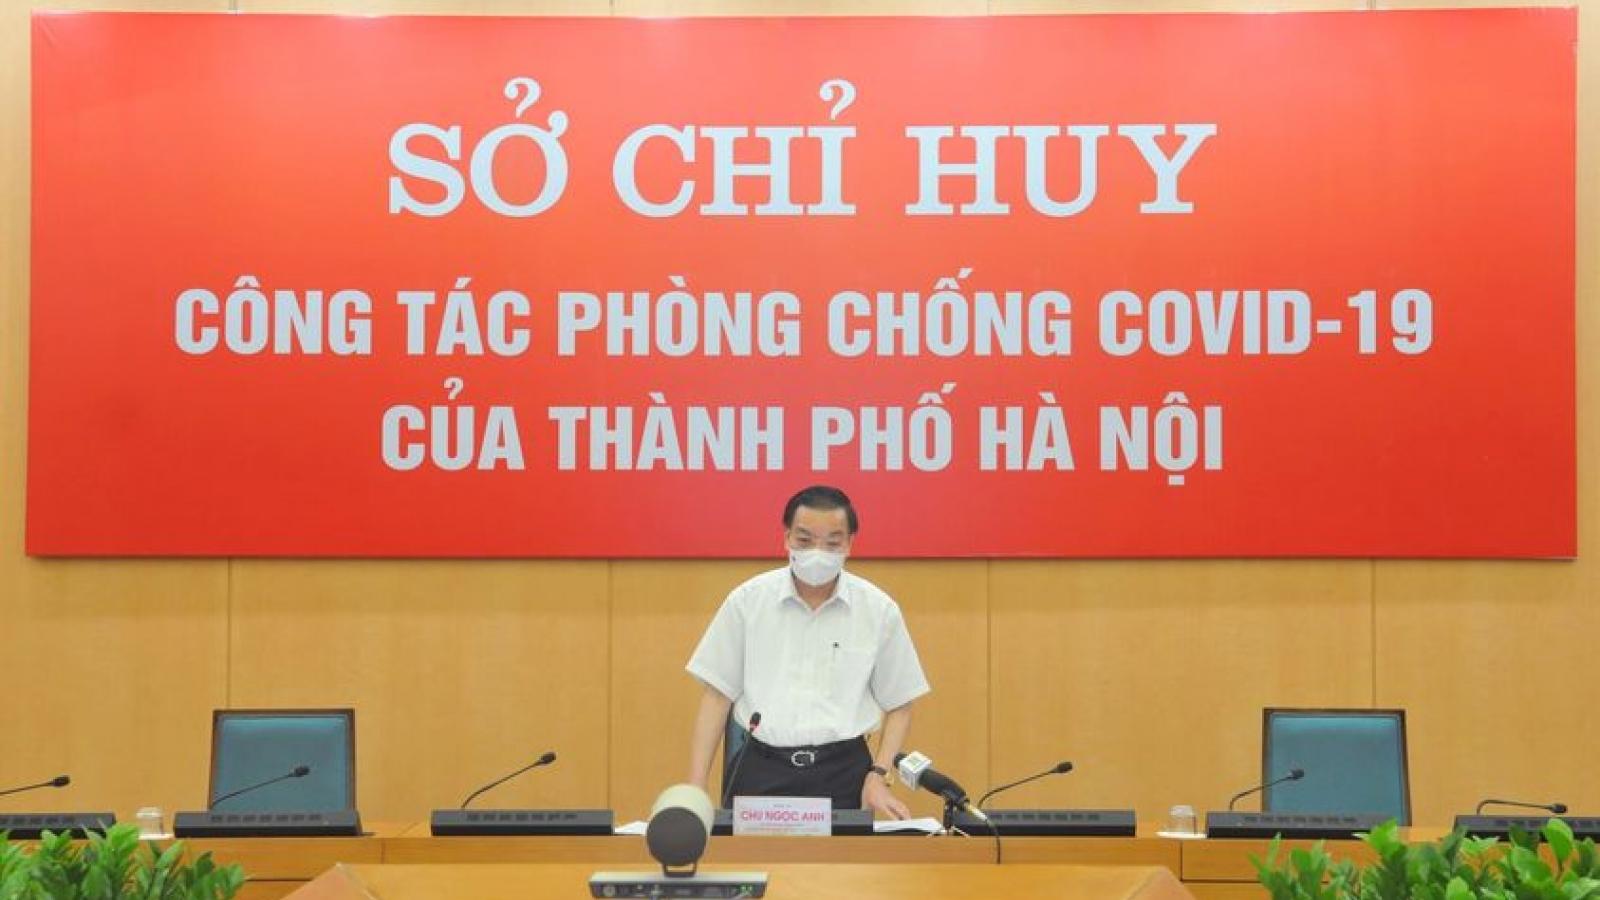 Dịch Covid-19 tại Hà Nội vẫn rất phức tạp, tiếp tục thực hiện nghiêm giãn cách xã hội